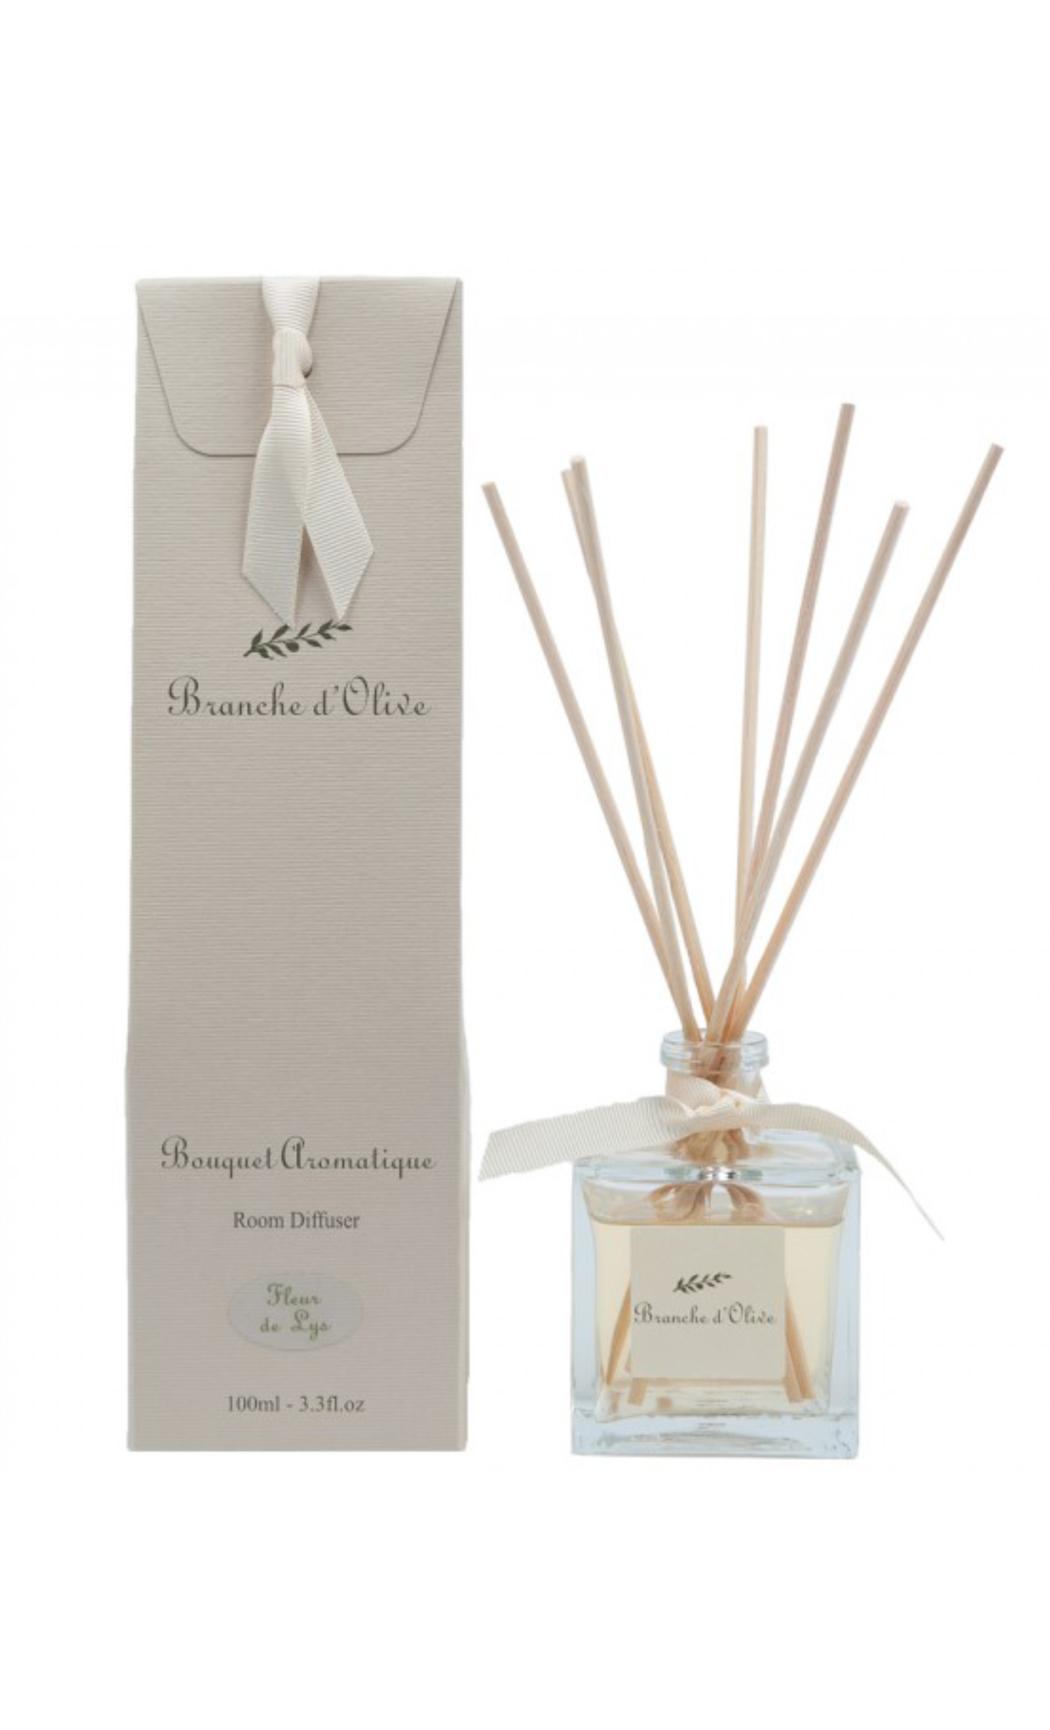 Diffuser Reed Sticks - Floral Fragrance of Orange